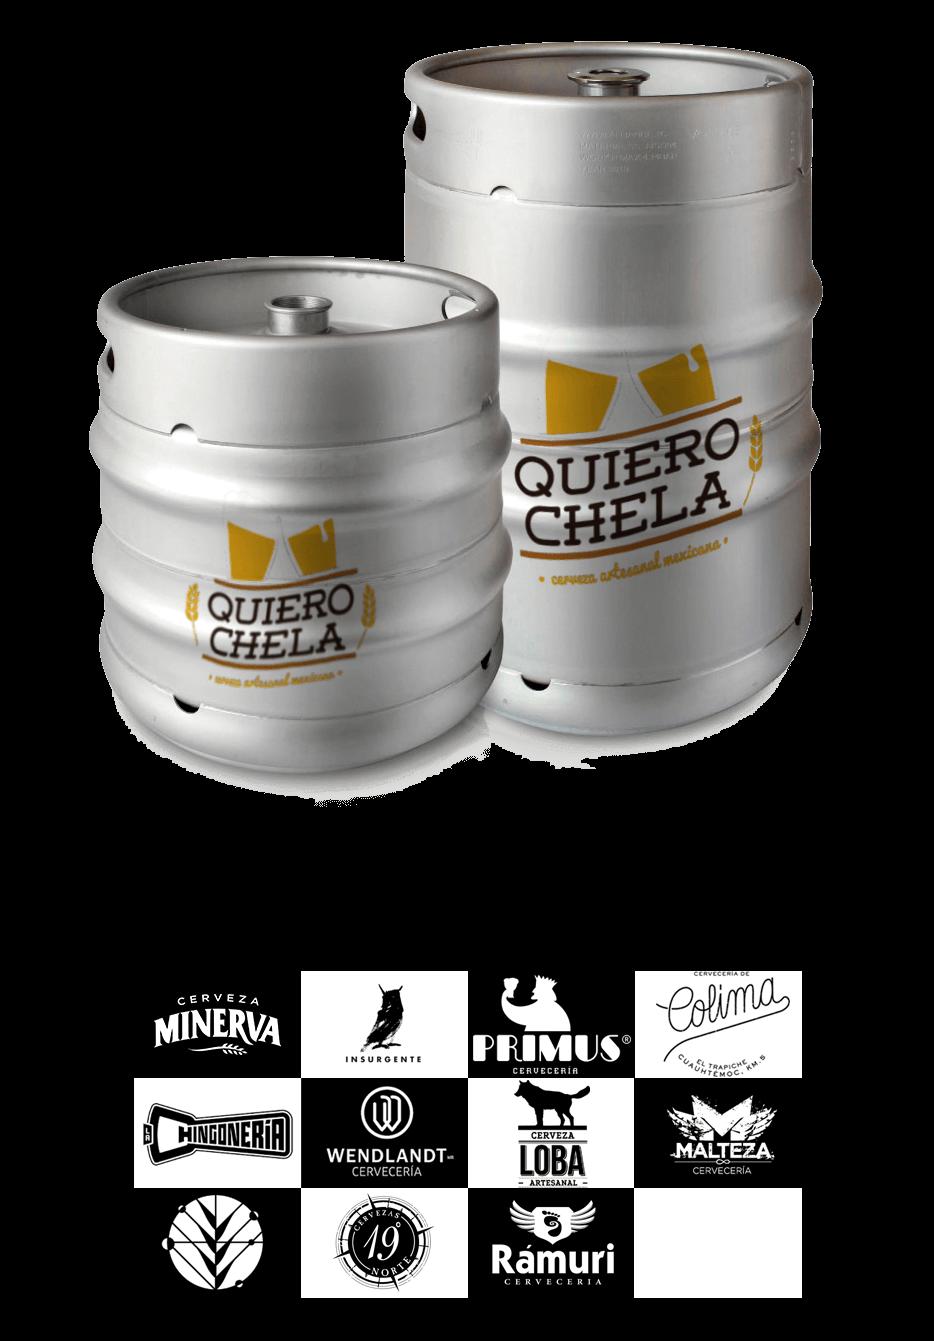 Cerveza de barril quiero chela